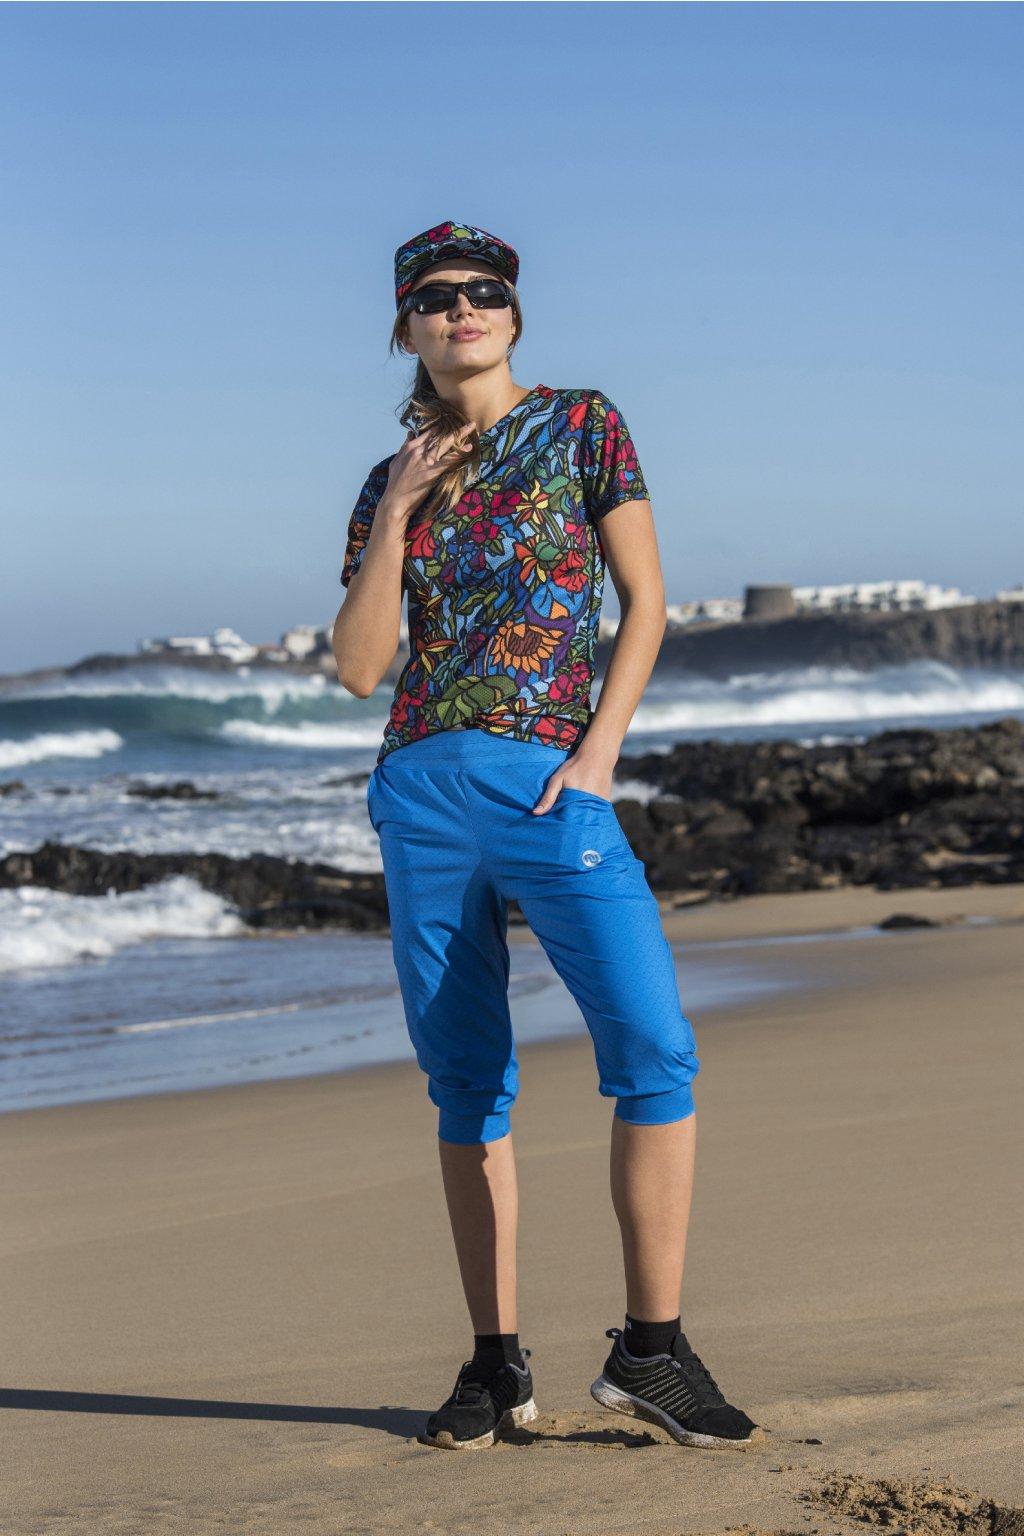 Volné krátké kalhoty blue mirage sddc3 11x7 1